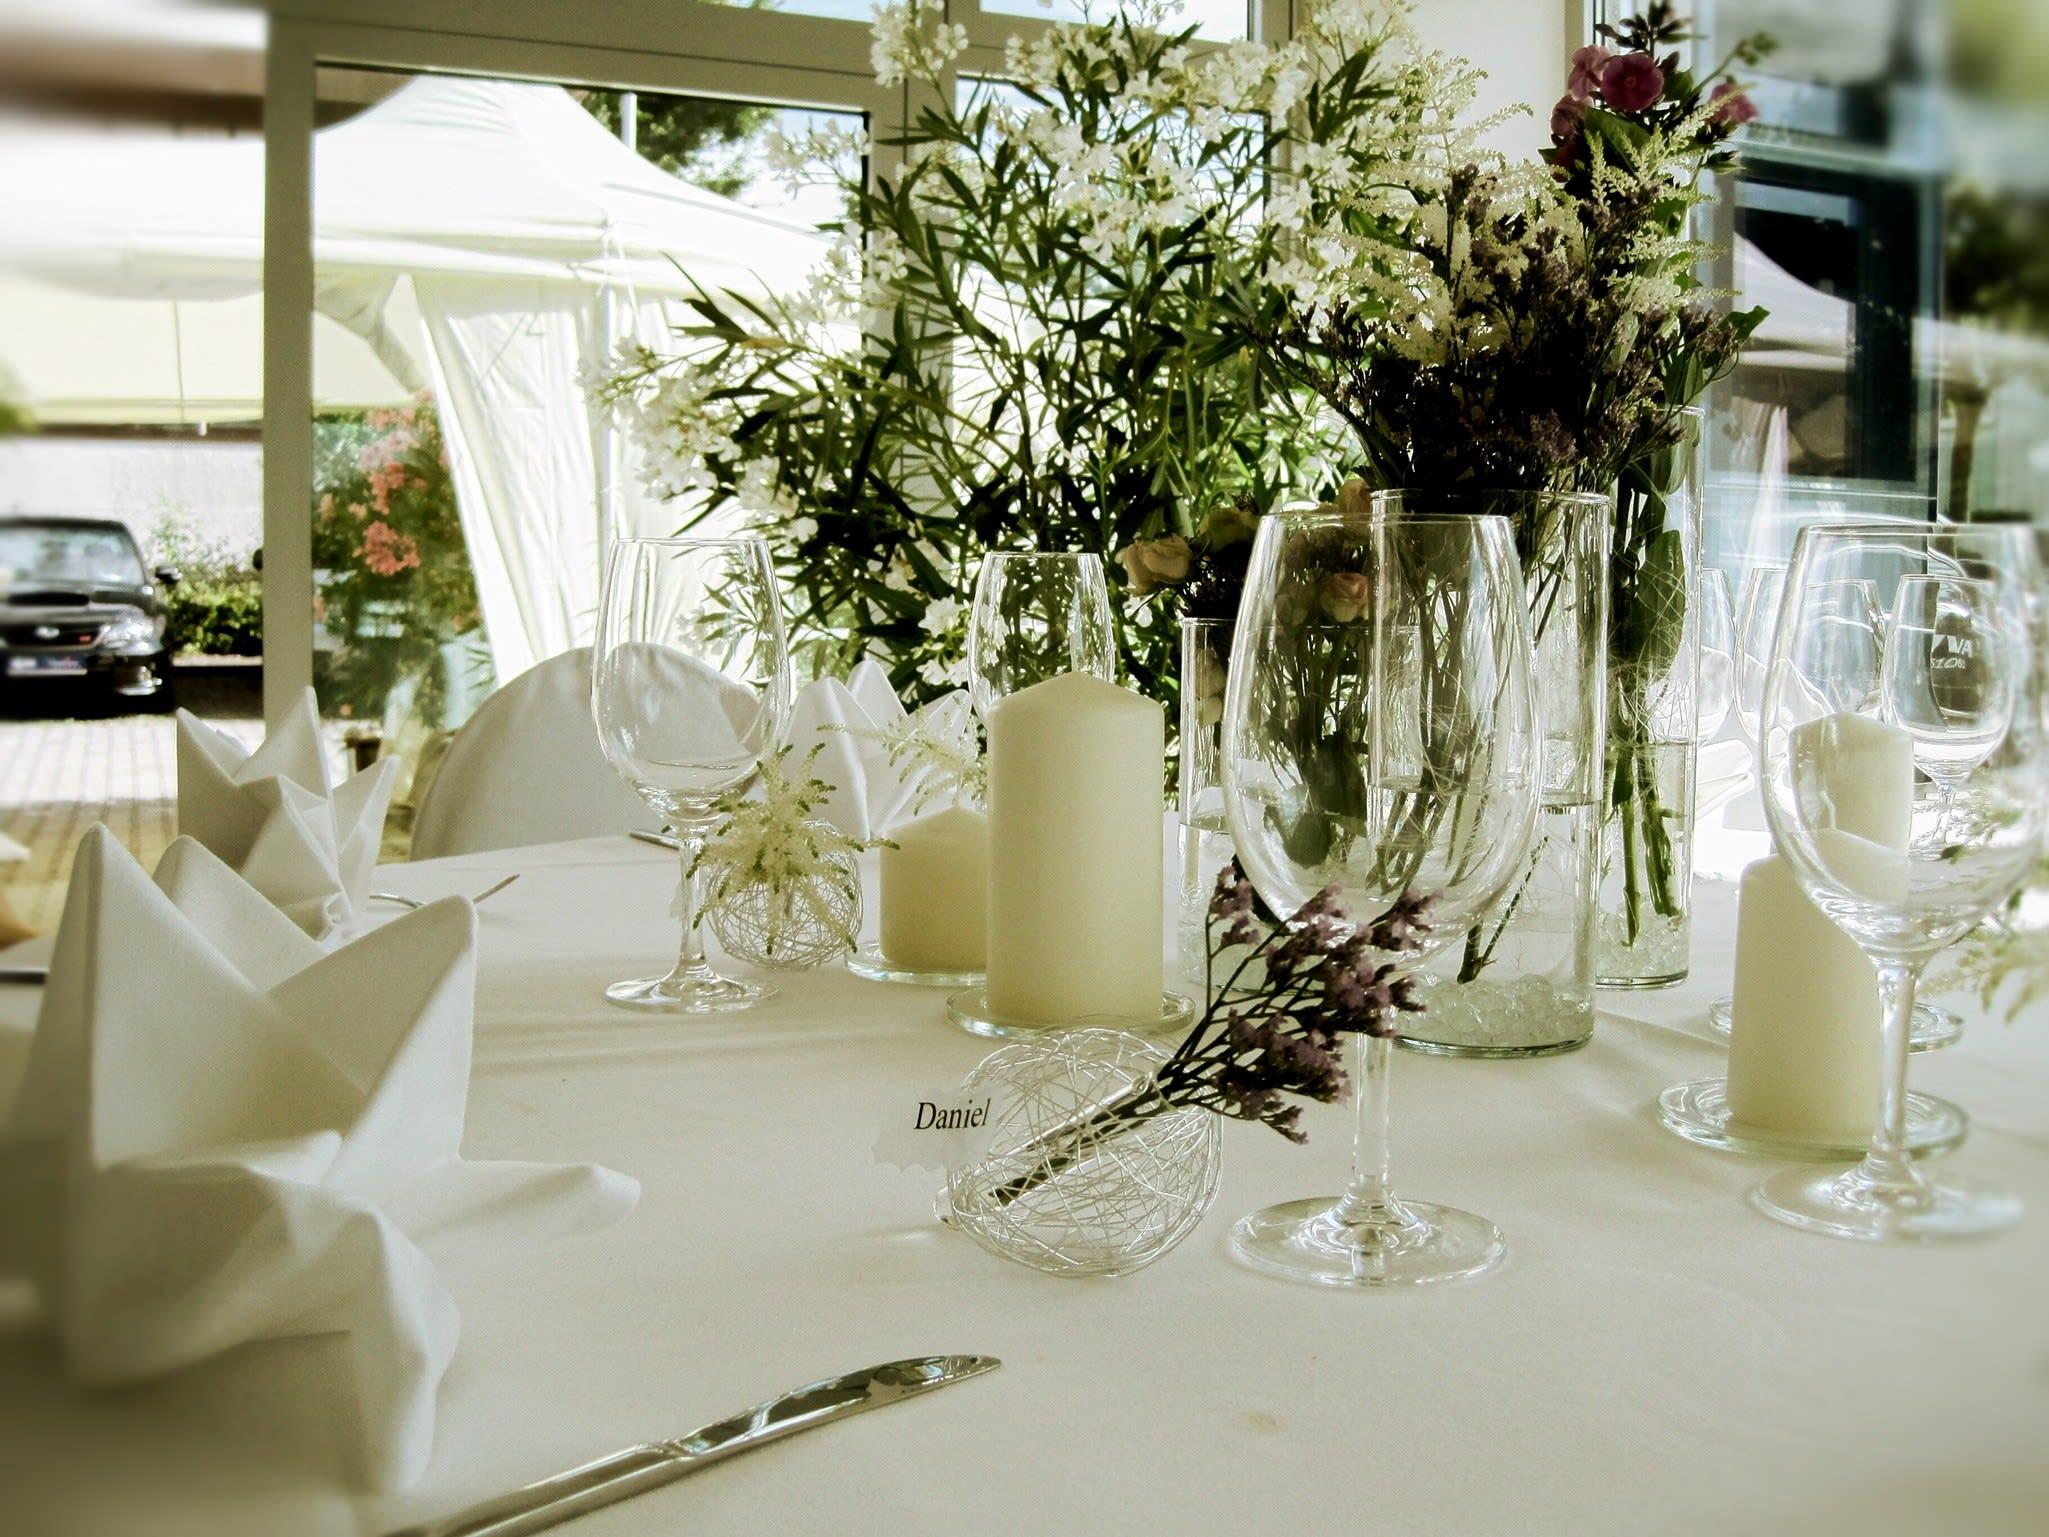 Dekorierter Tische Blumen Namensschild Daniel